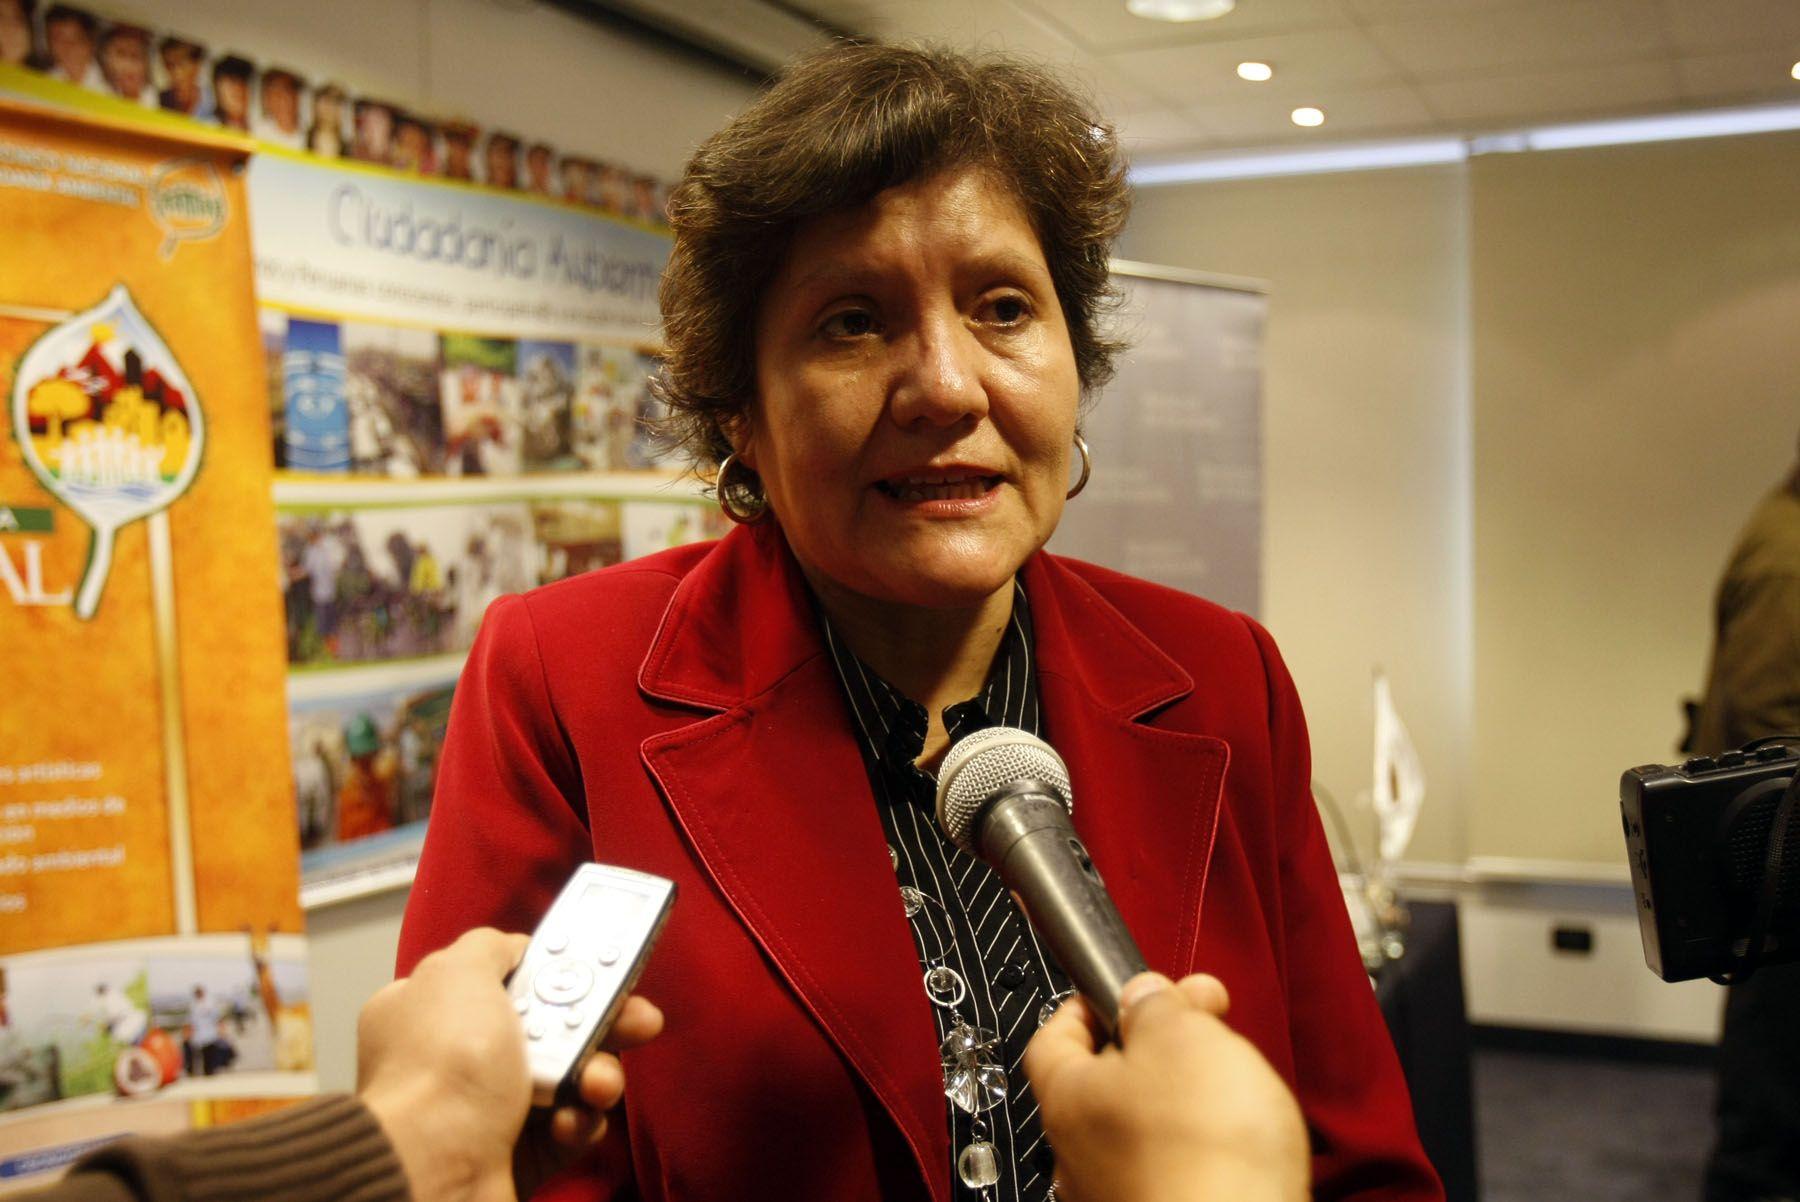 Viceministra de Gestión Ambiental, Ana María González del Valle. Foto: ANDINA/Archivo.